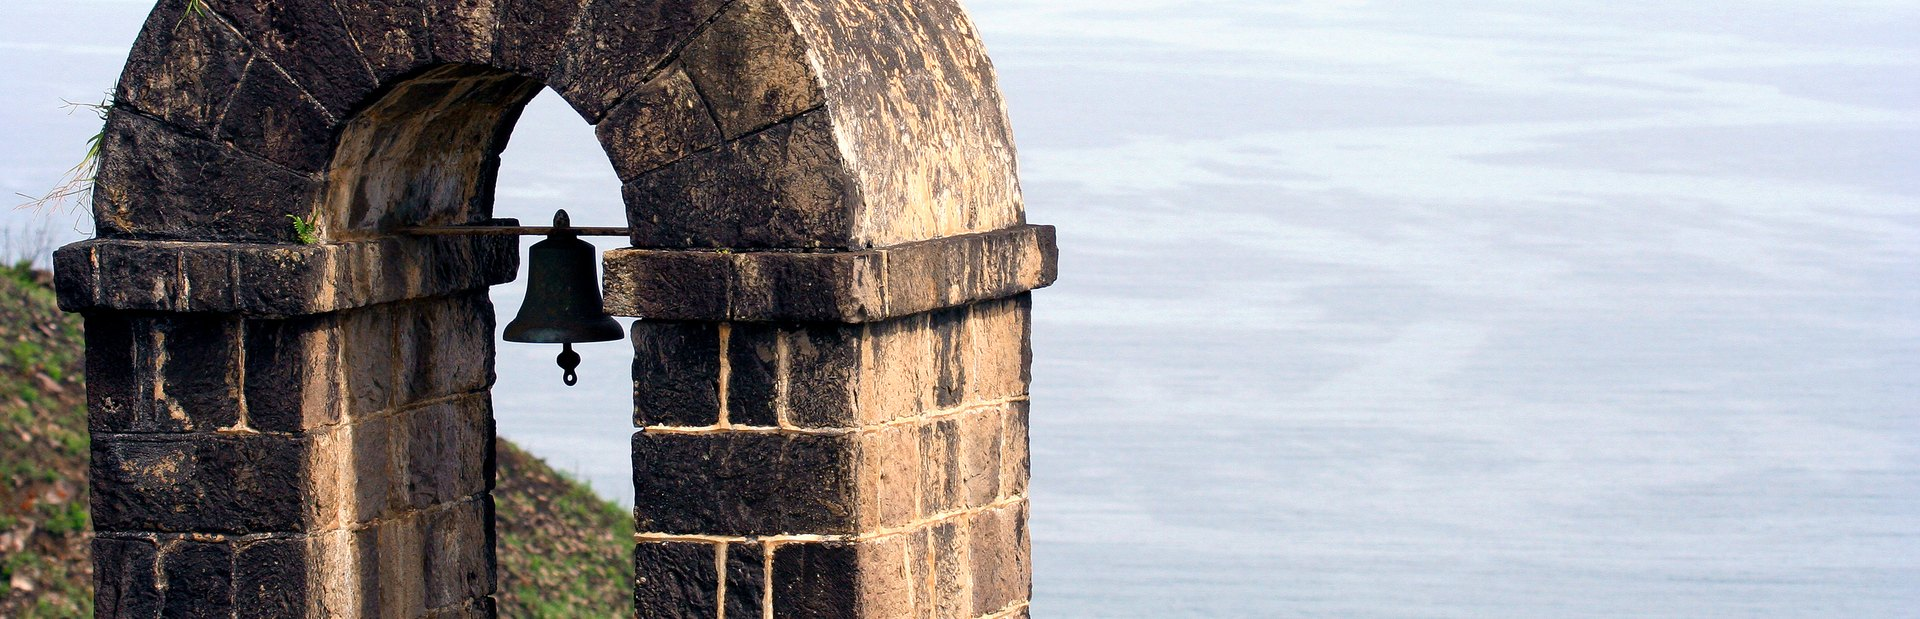 Brimstone Hill Fortress Image 1